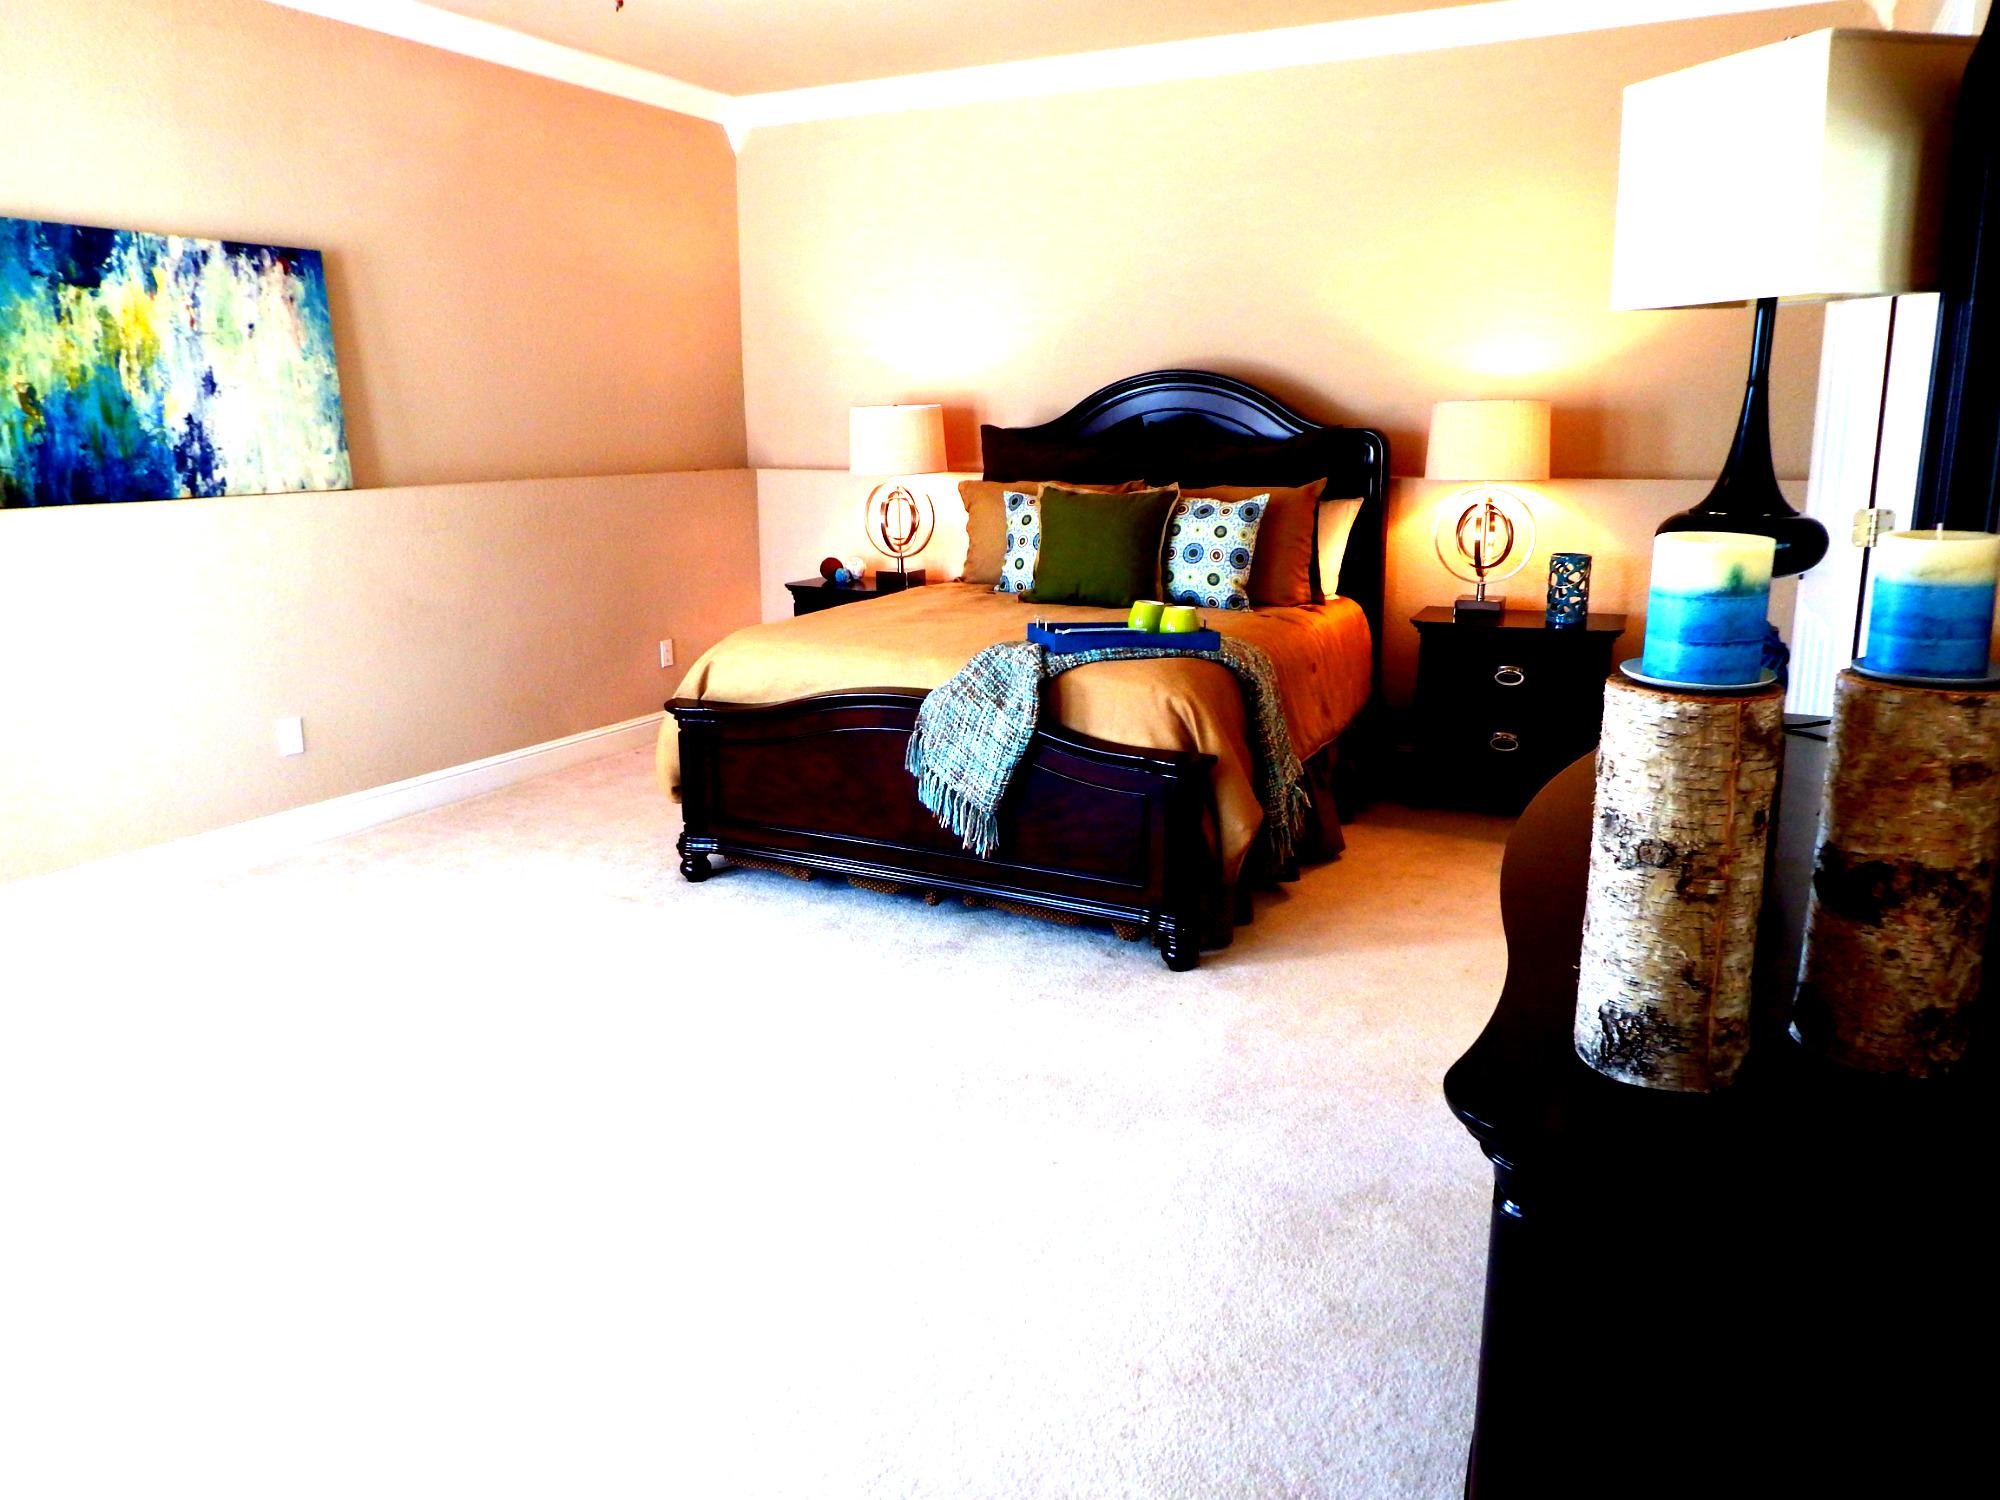 FayettevilleMasterBedroomAfter.jpg